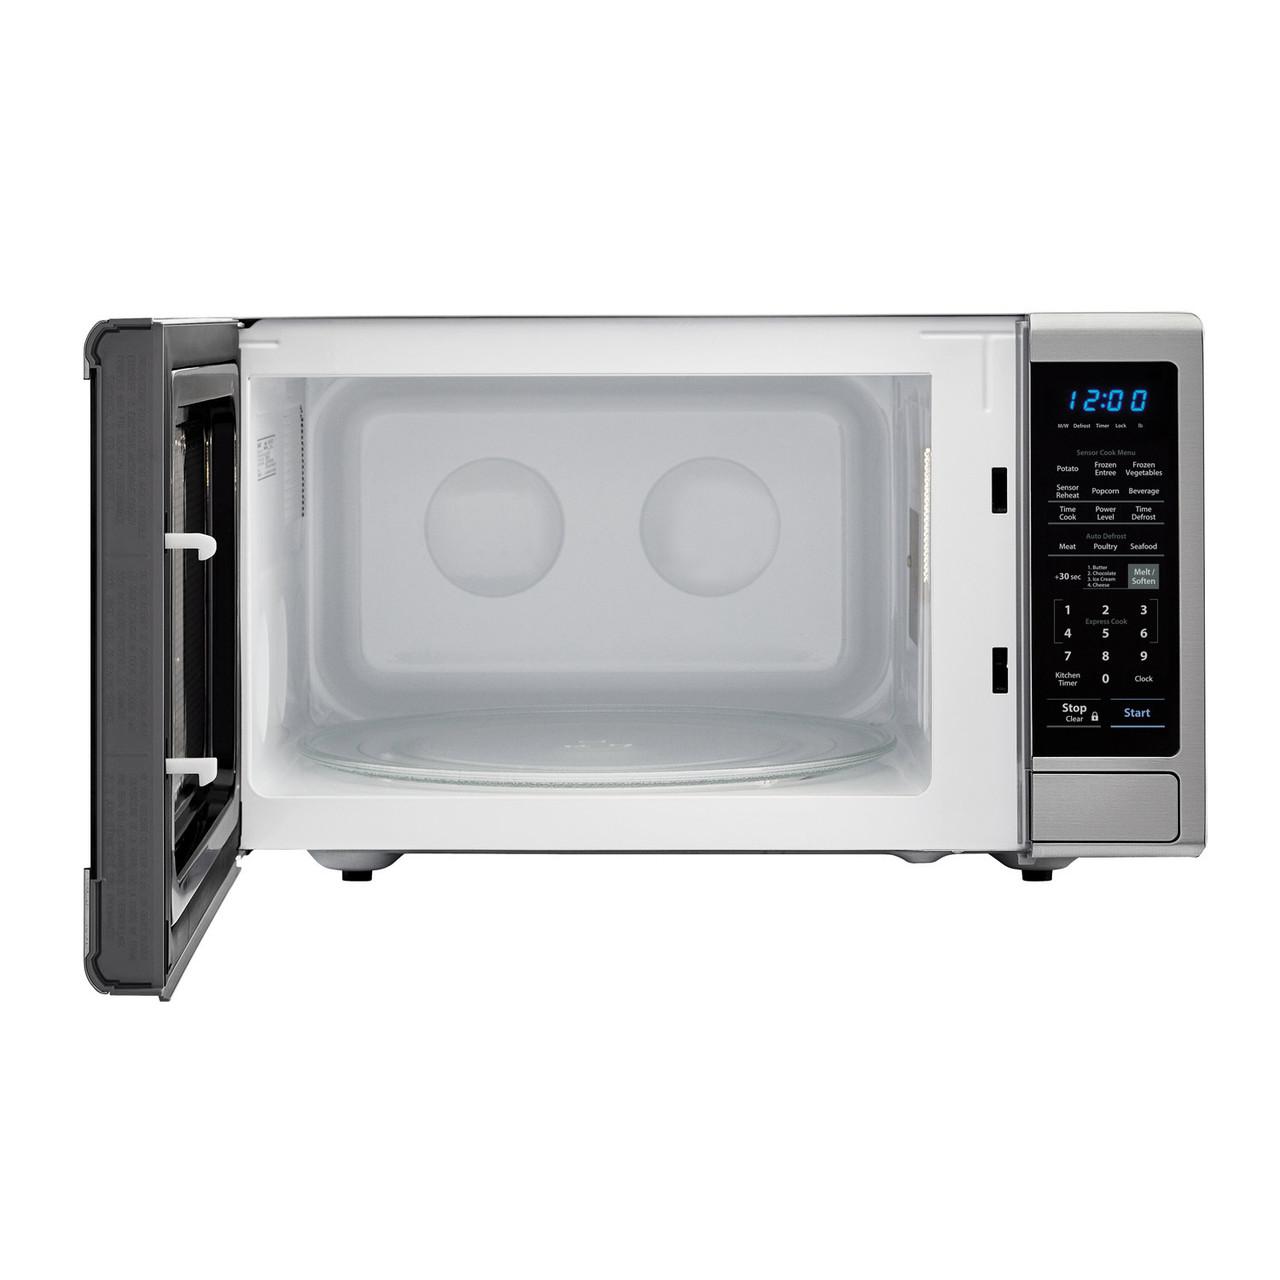 1.8 cu. ft. Sharp Stainless Steel Microwave with Black Mirror Door (SMC1843CM) – front view with door open